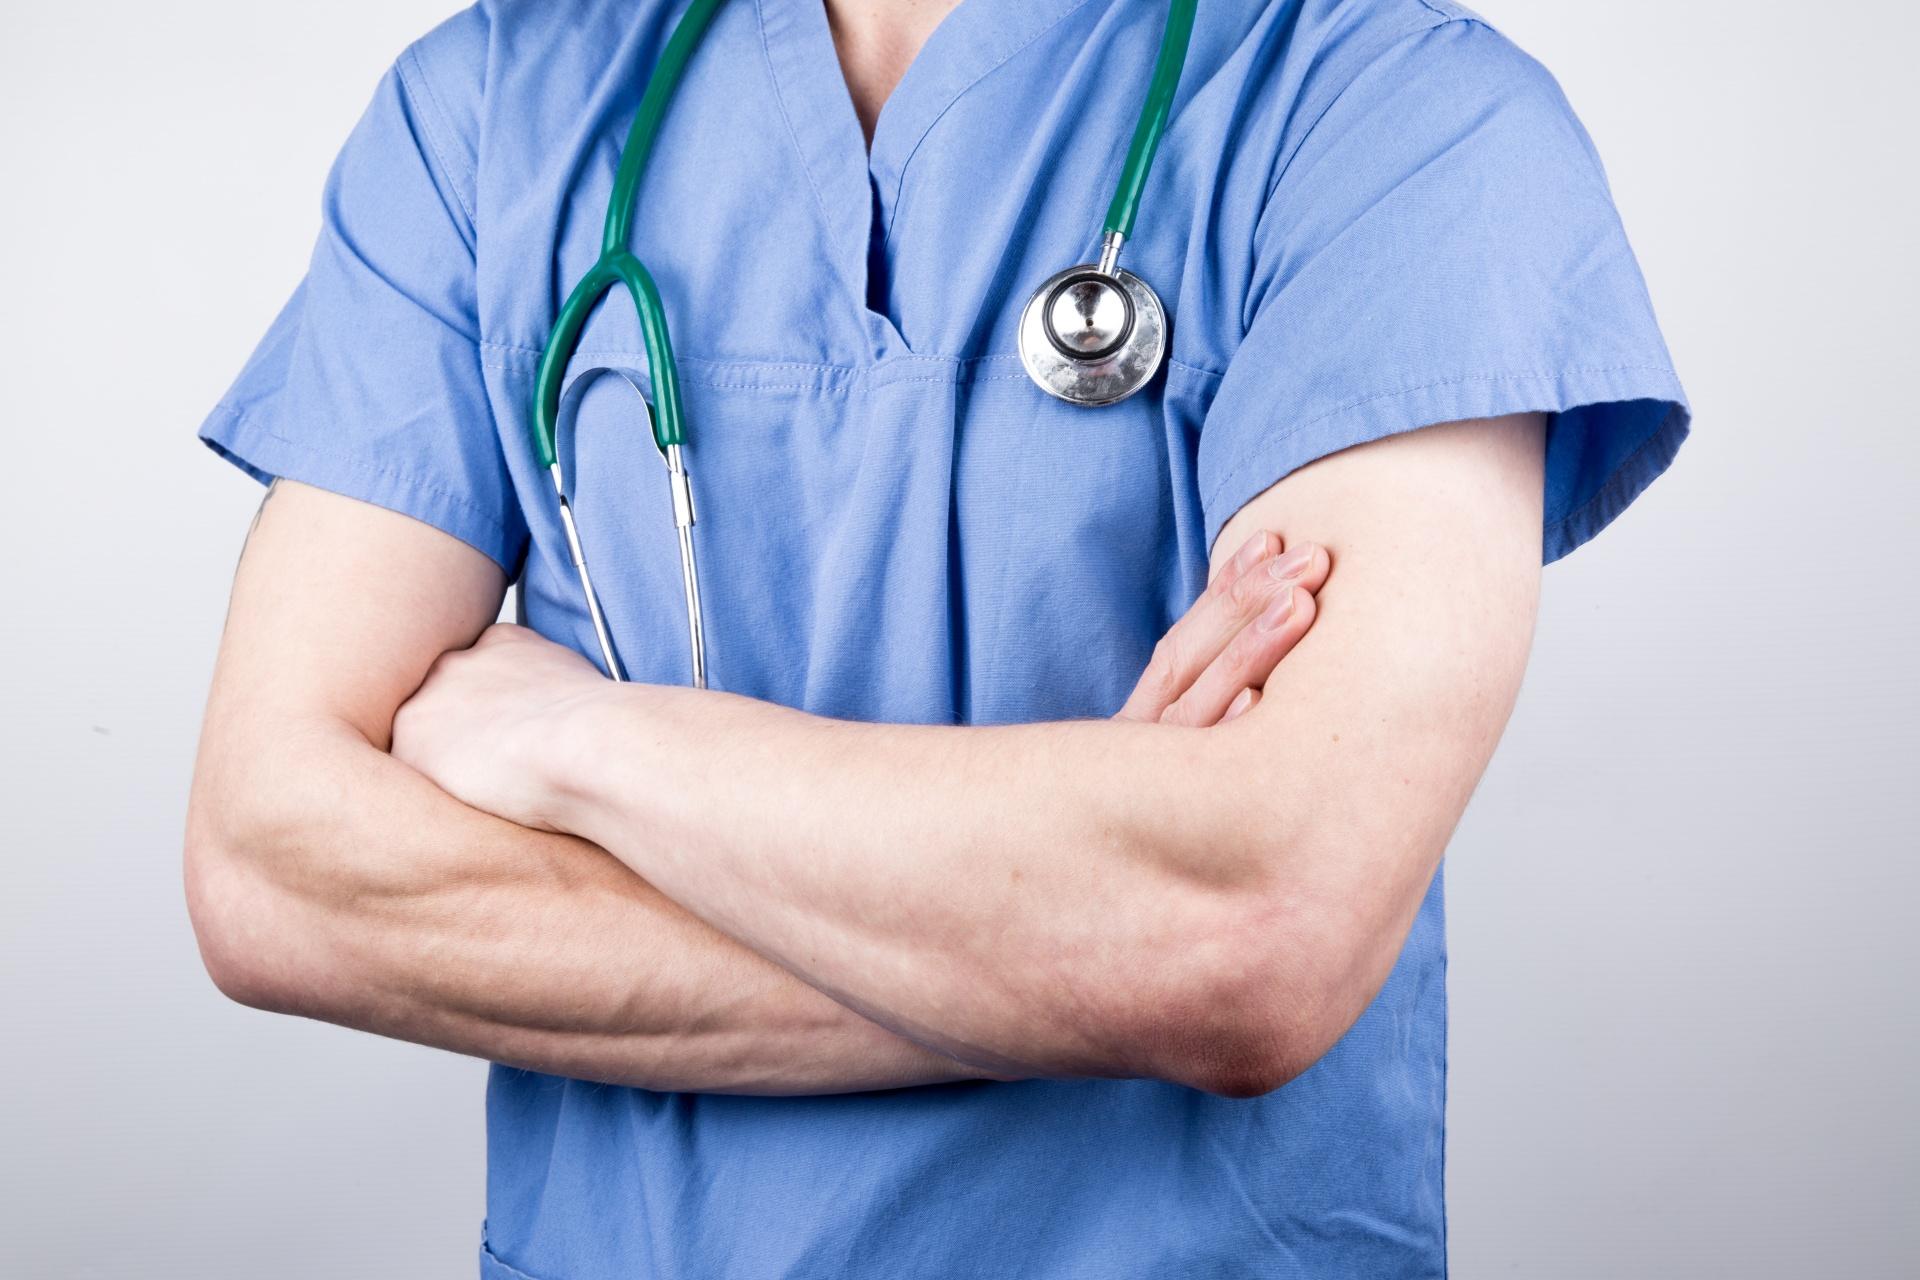 Visszér okai, megelőzése, kezelése, hajlamosító tényezők - Mikor van szükség műtétre?